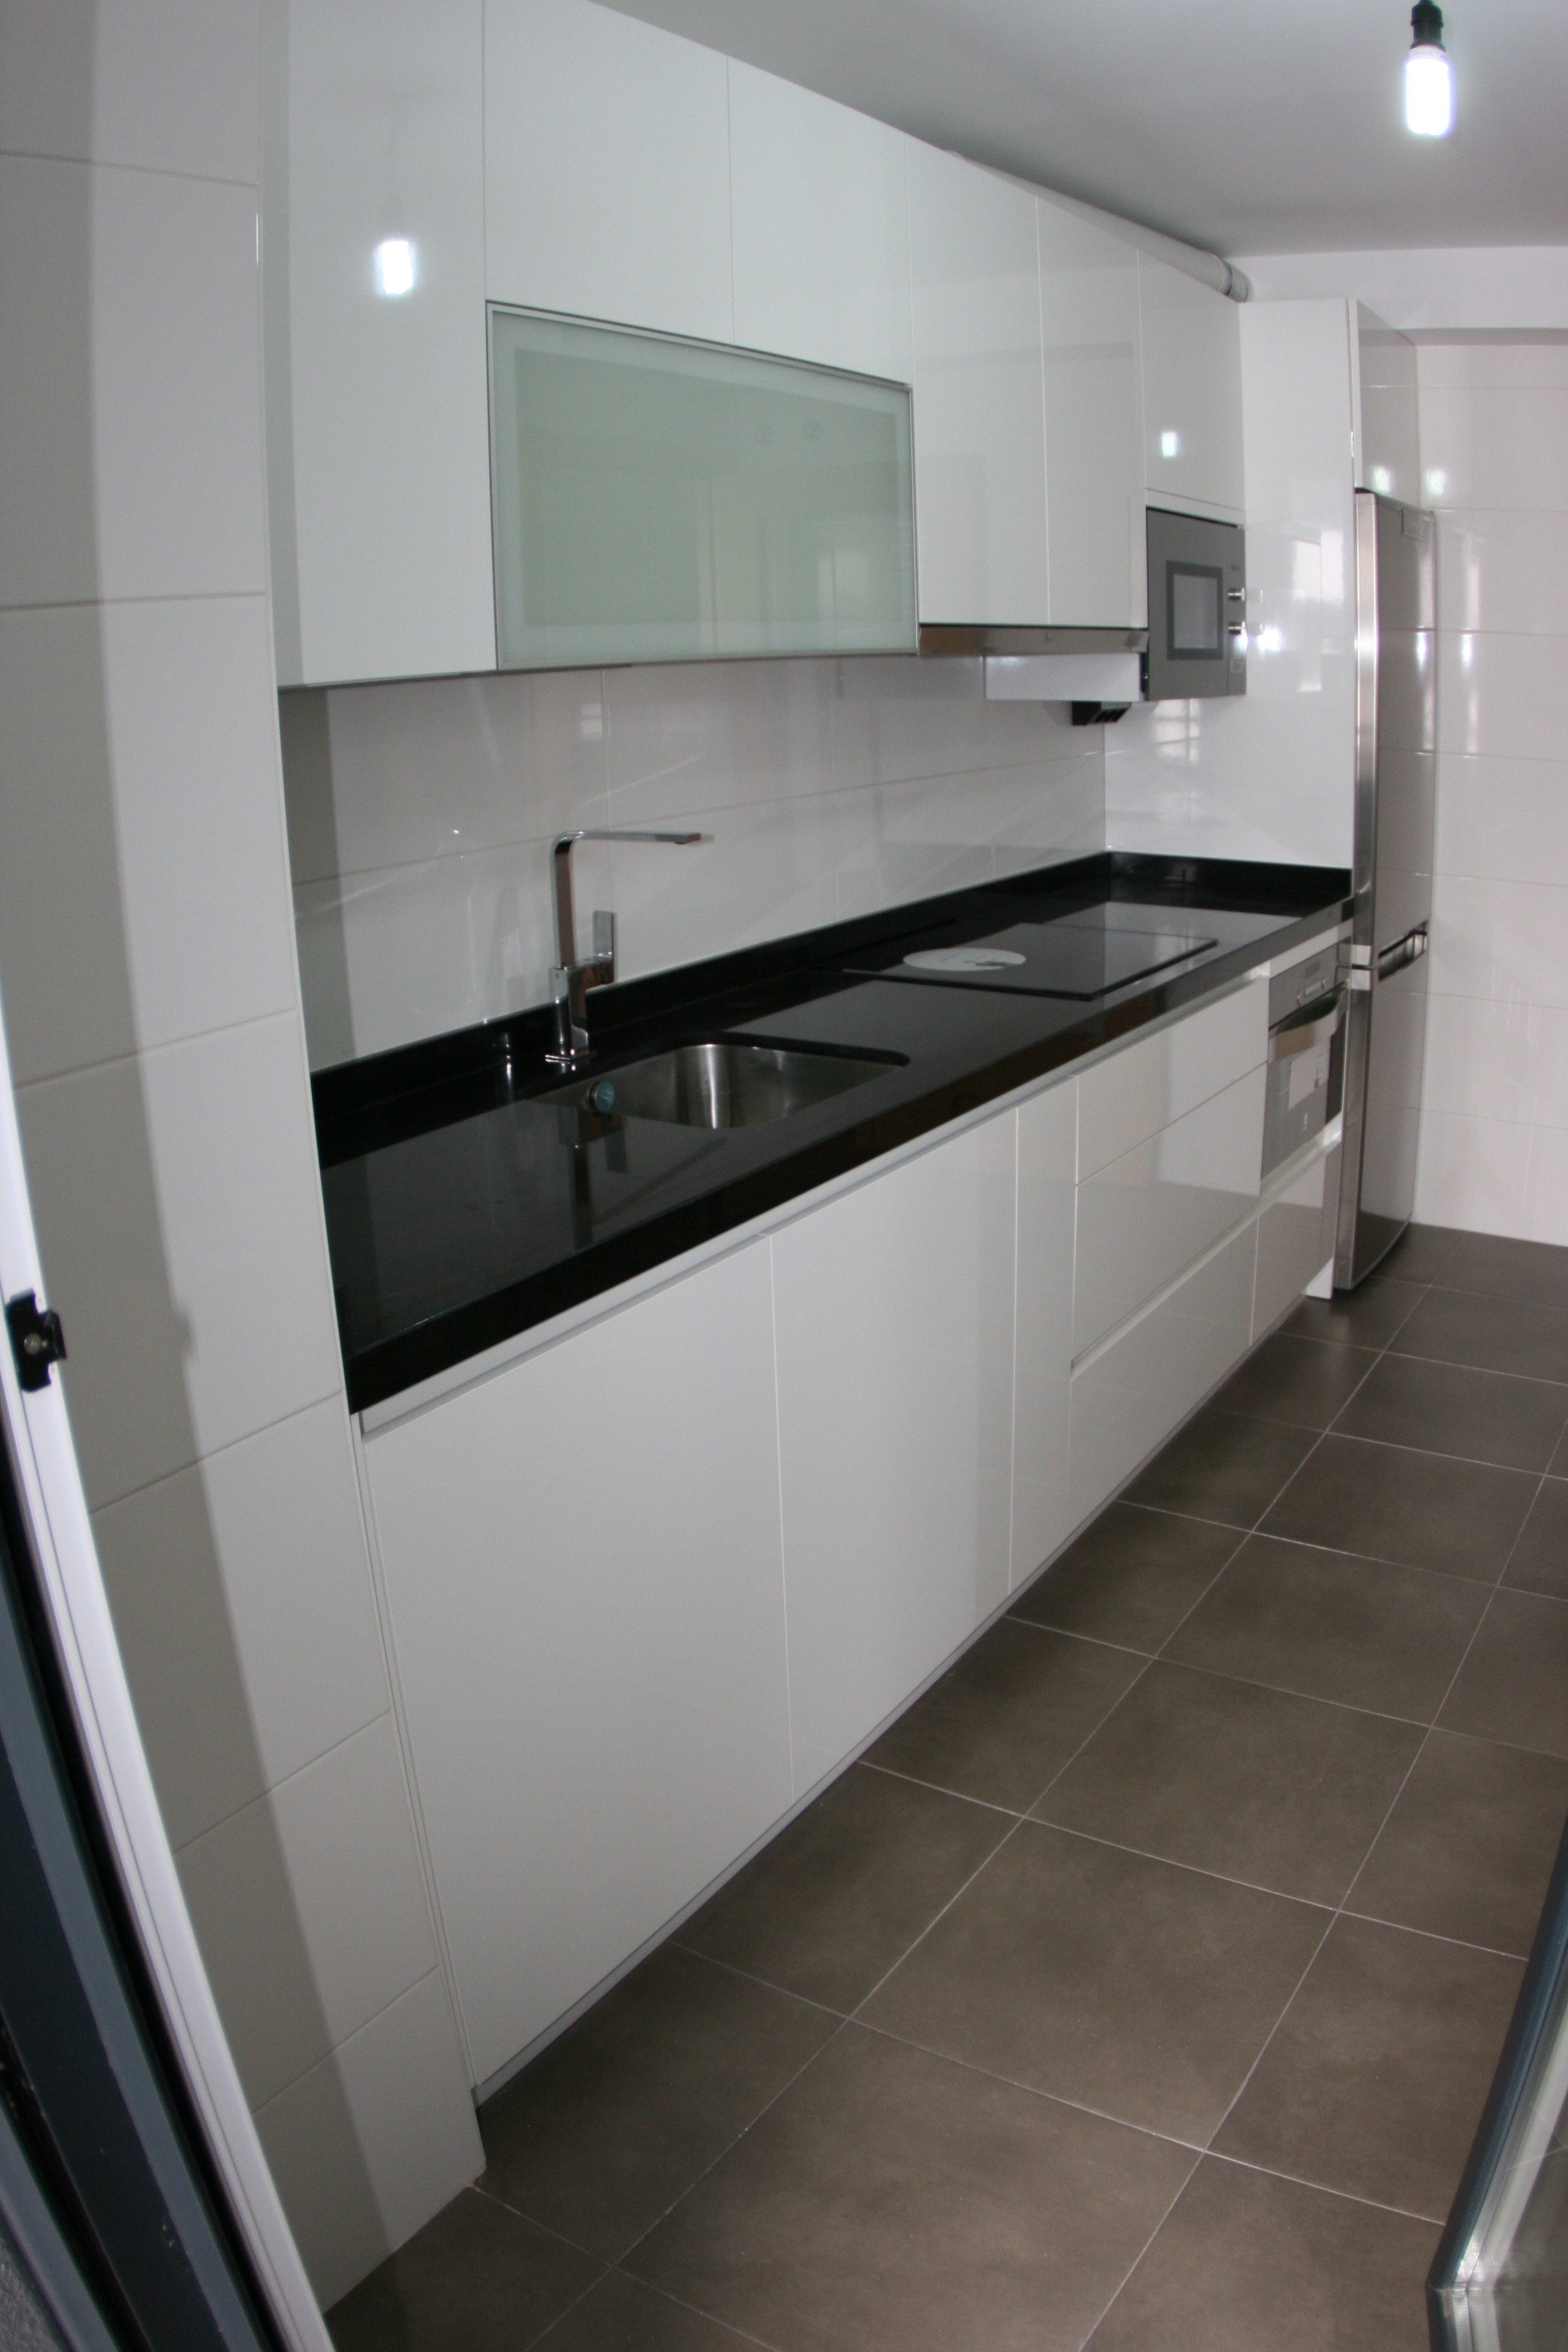 Pintar encimera de cocina cool muebles de cocina hechos a Pintar encimera cocina